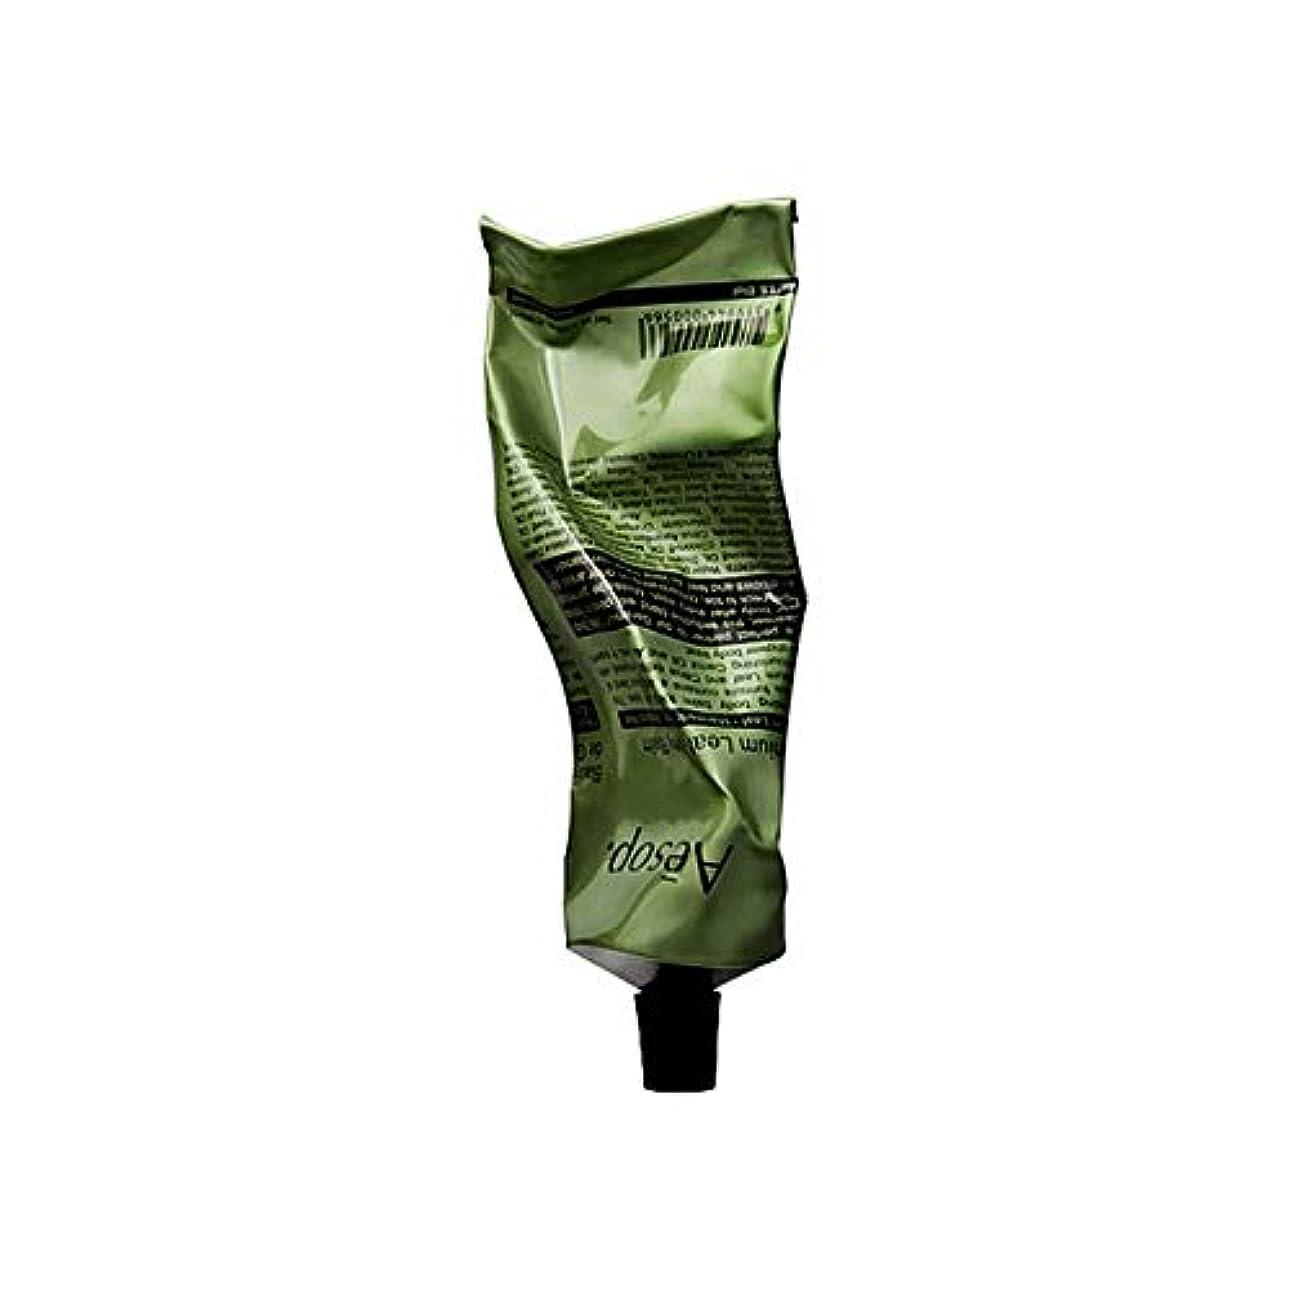 開拓者二アドバイス[Aesop] イソップゼラニウムの葉のボディクリーム500ミリリットル - Aesop Geranium Leaf Body Balm 500ml [並行輸入品]